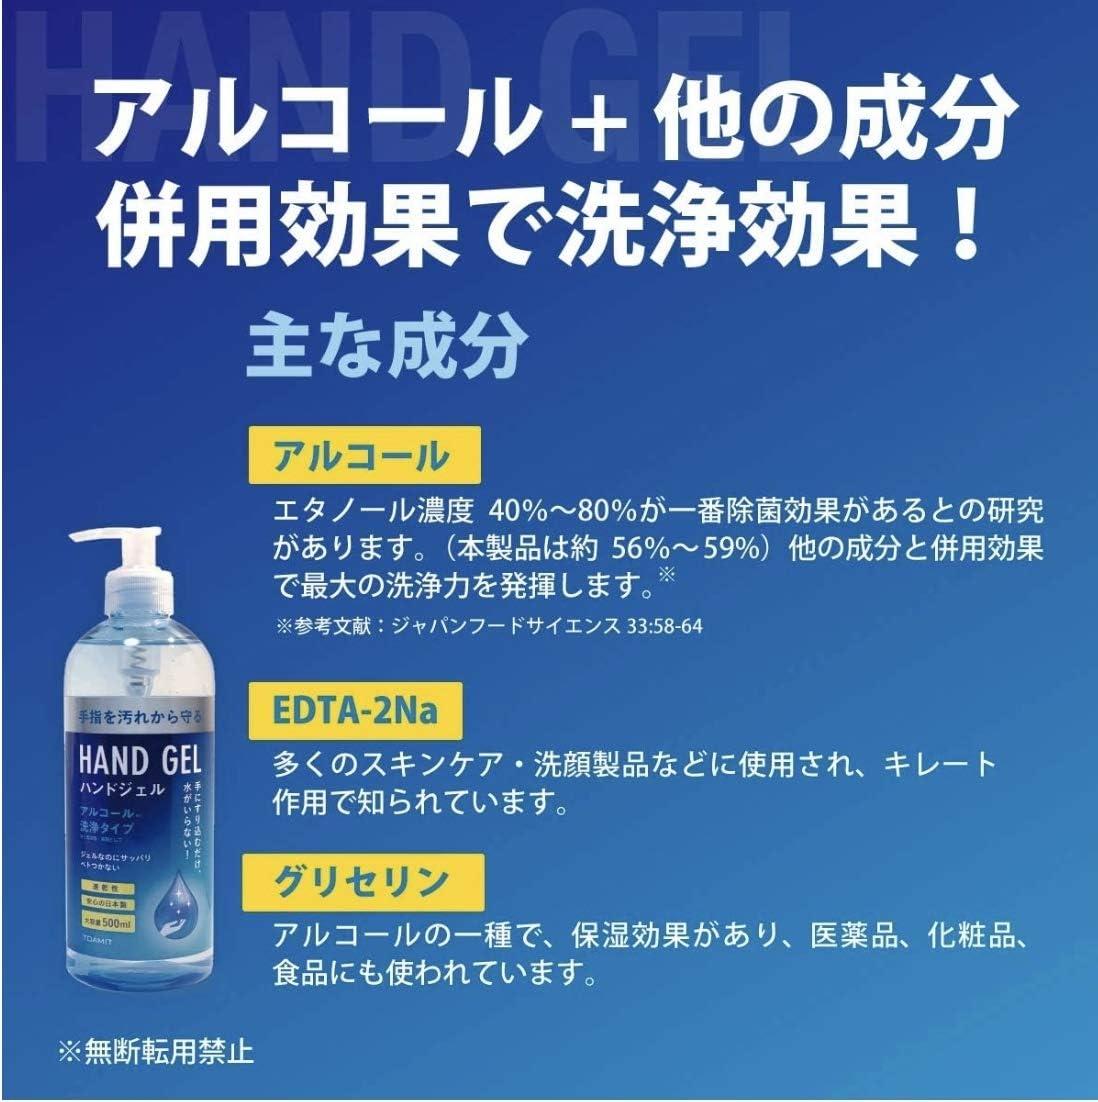 東亜 ハンド ジェル 食品白衣.JP / 東亜産業 ハンドジェル